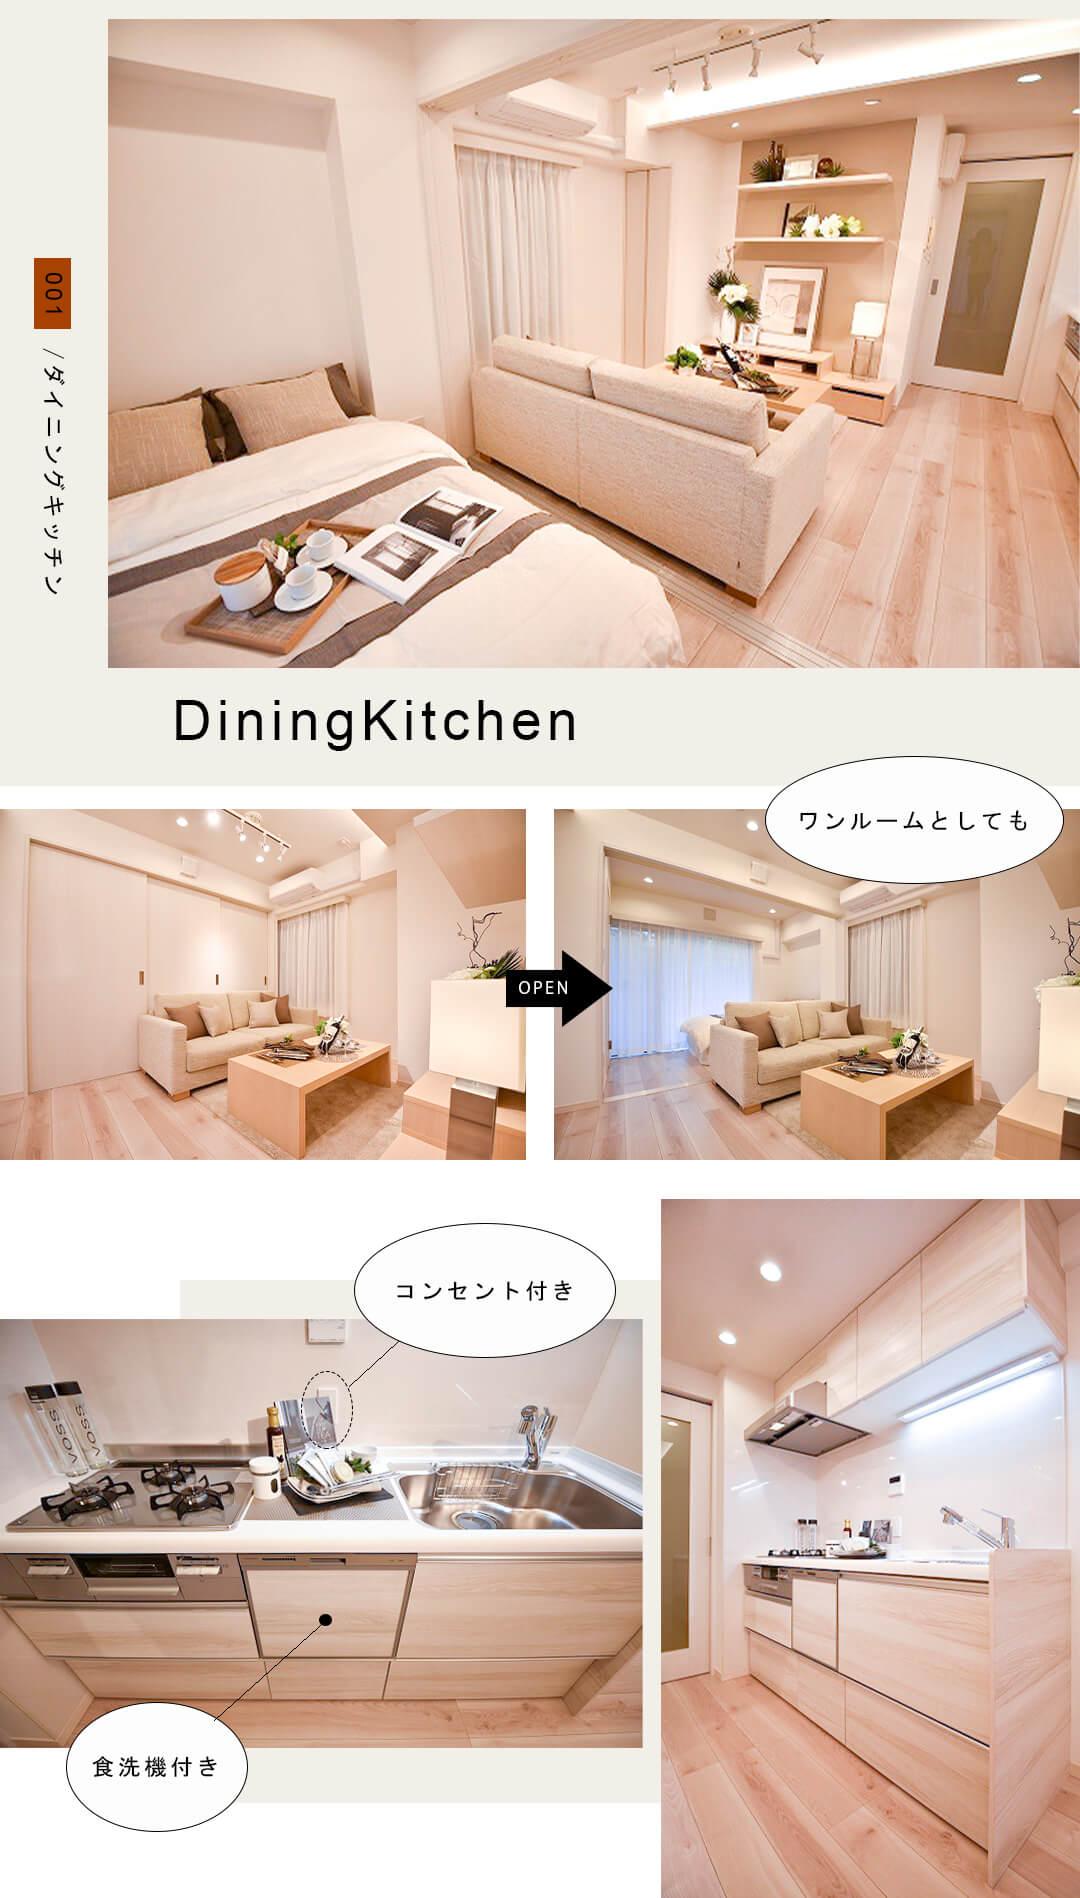 001ダイニングキッチン,Dining Kitchen